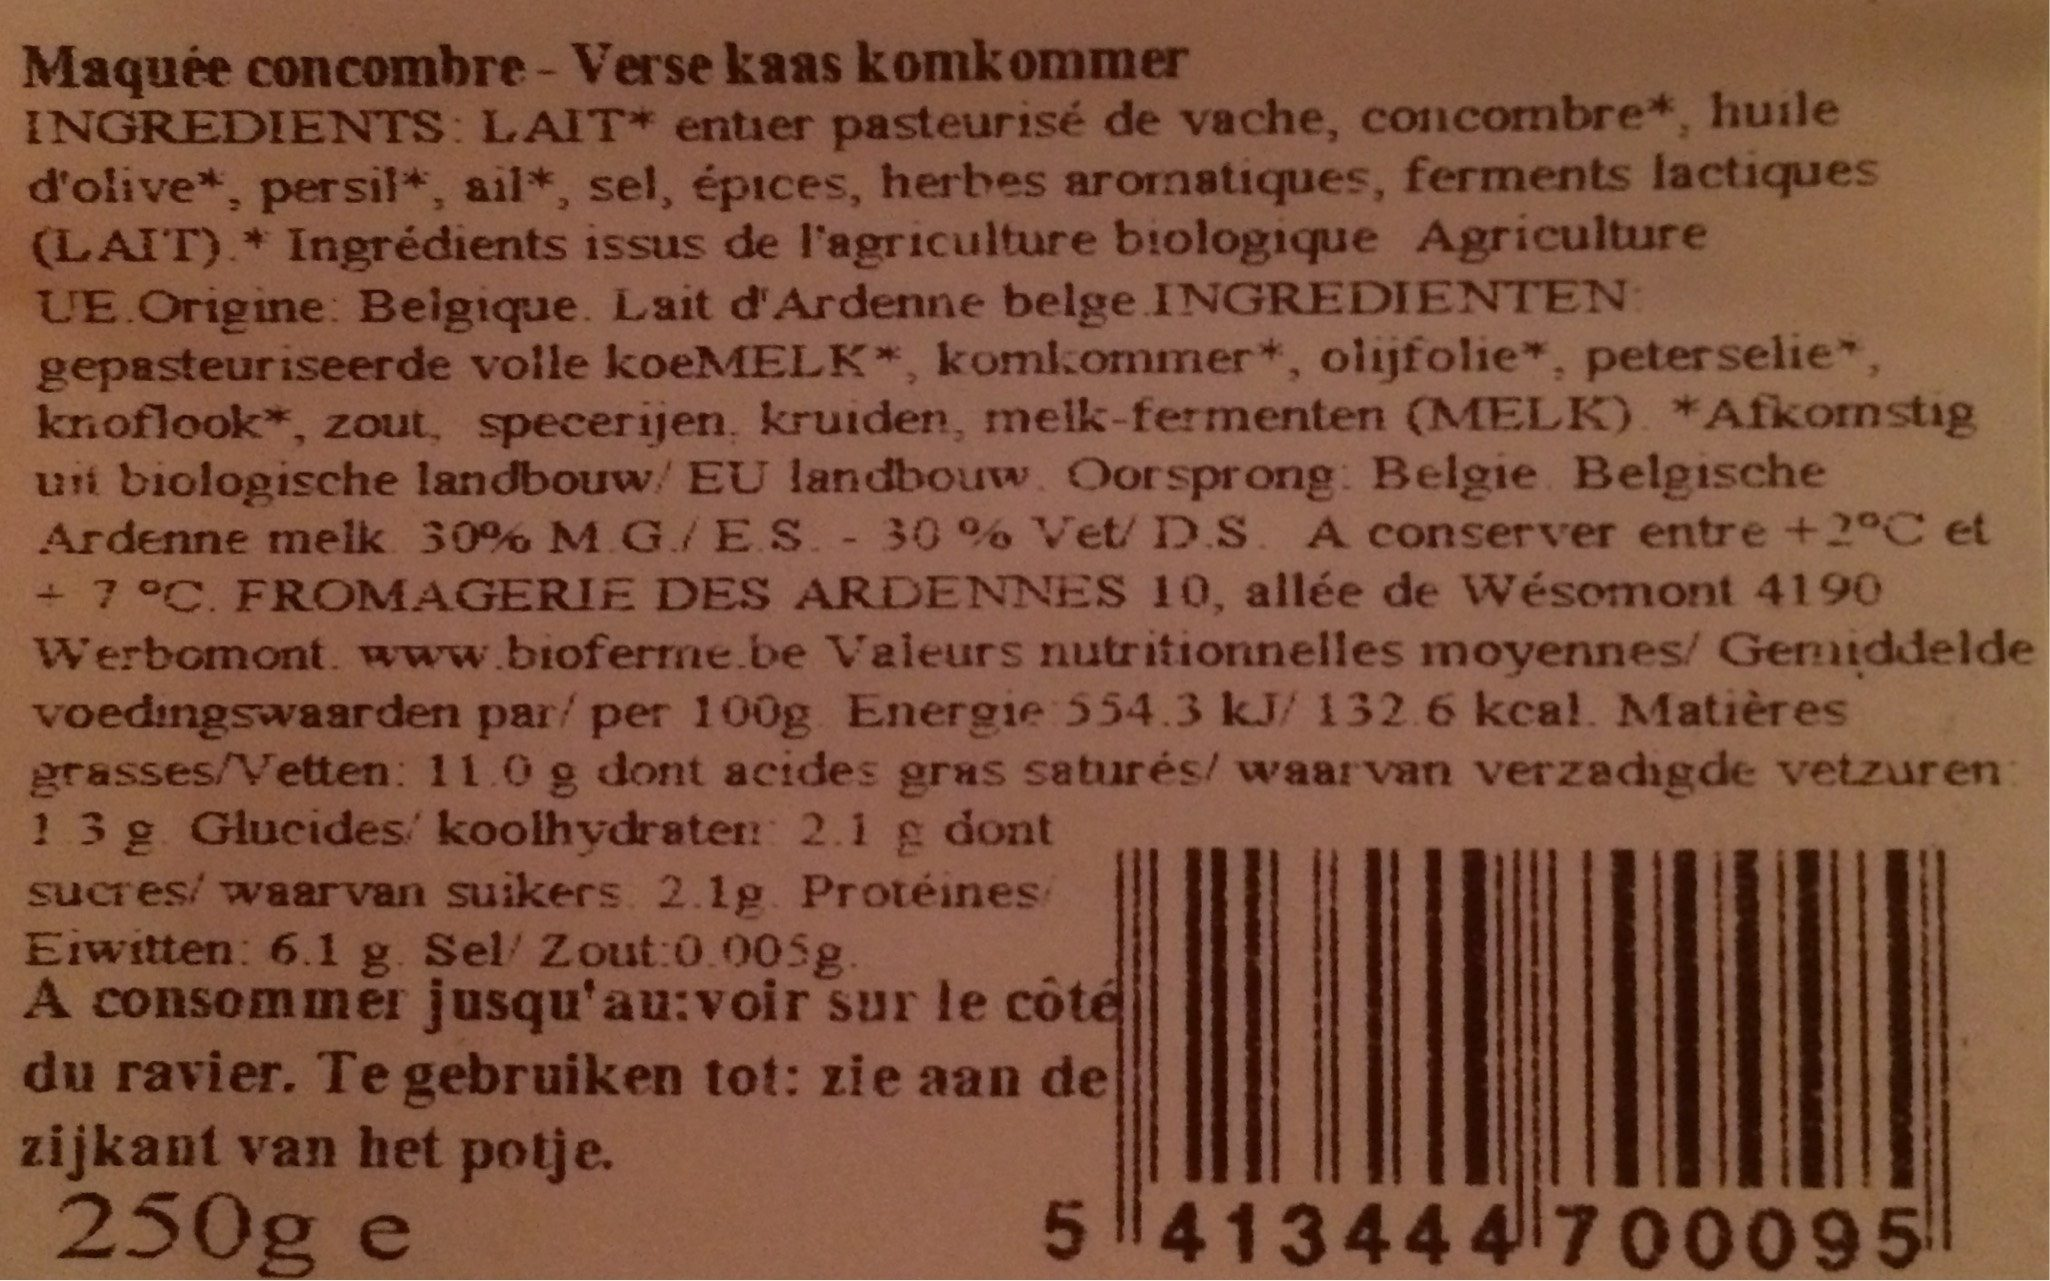 Concombre Maquée artisanale - Nutrition facts